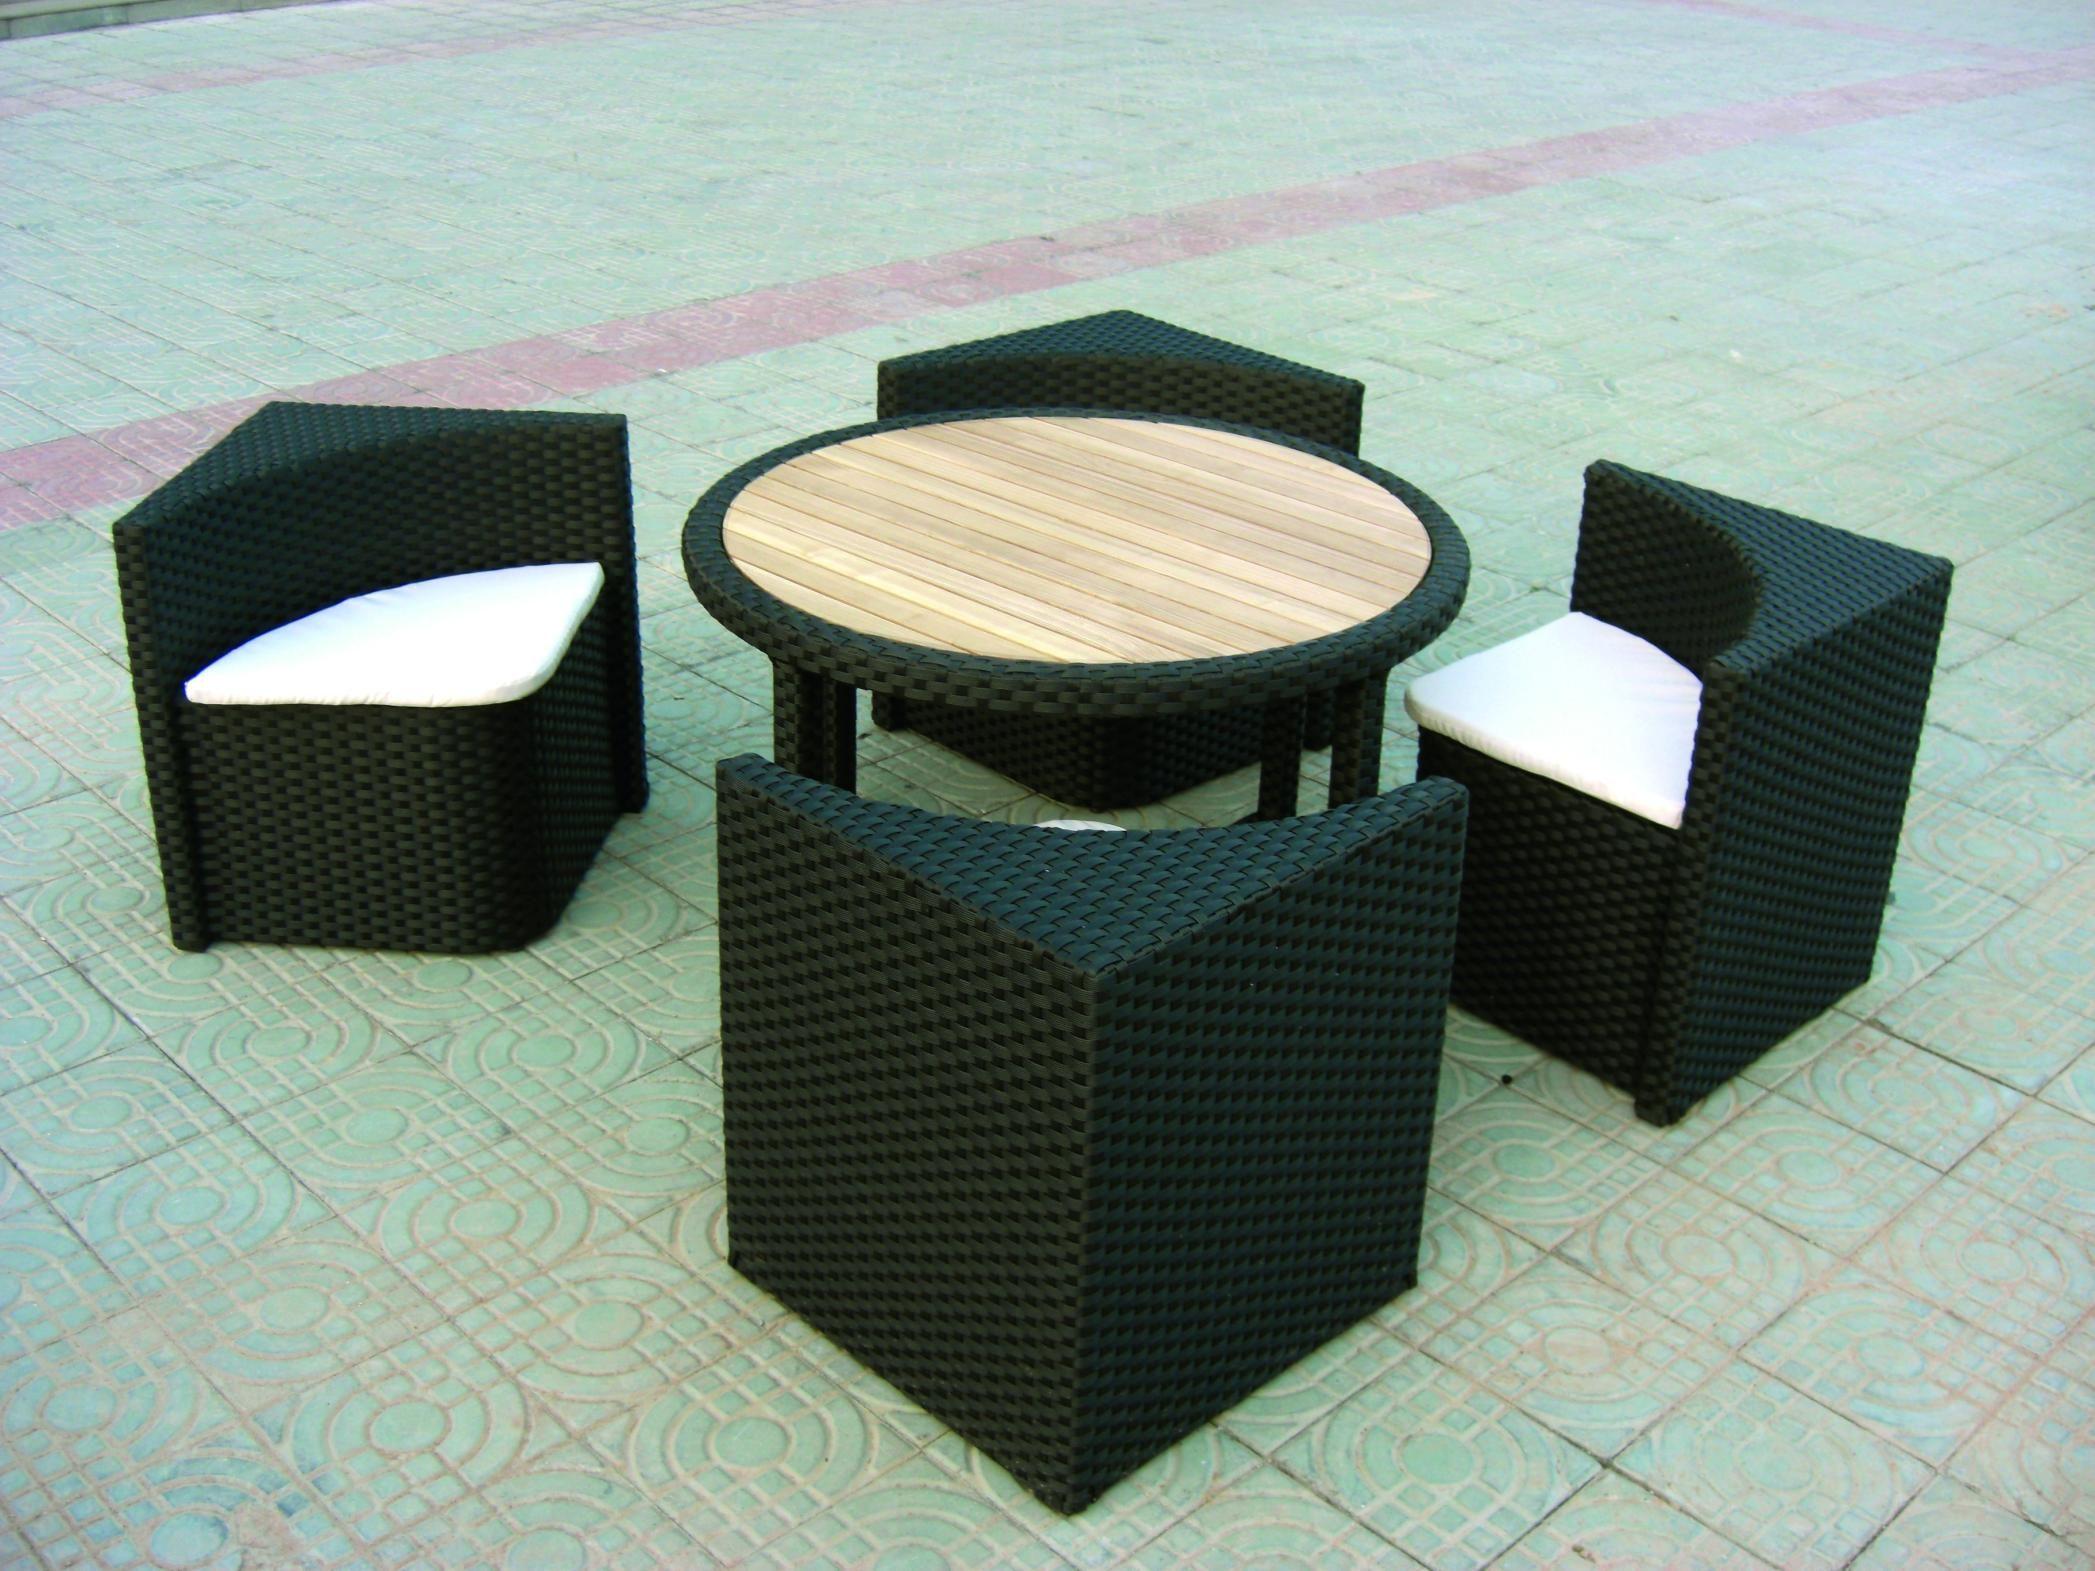 Salon De Jardin Quattro Forme Carree Avec 4 Fauteuils Table Ronde Pour Petits Espaces Mobilier Jardin Salon De Jardin Design Mobilier De Jardin Design